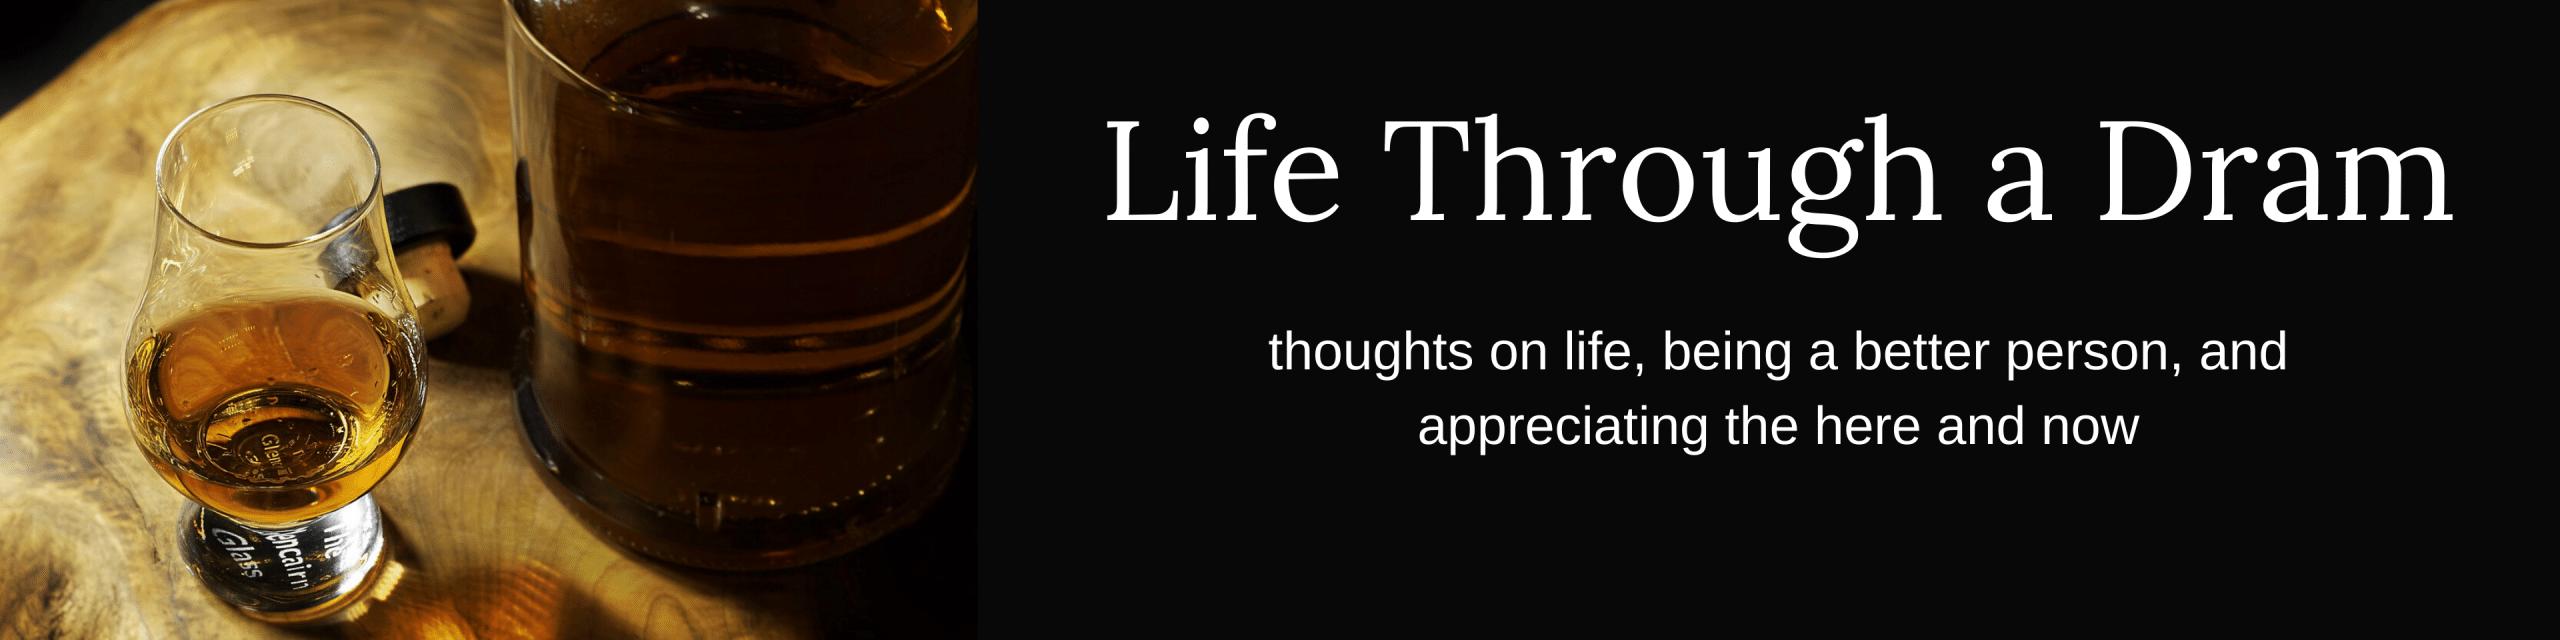 Life Through a Dram podcast